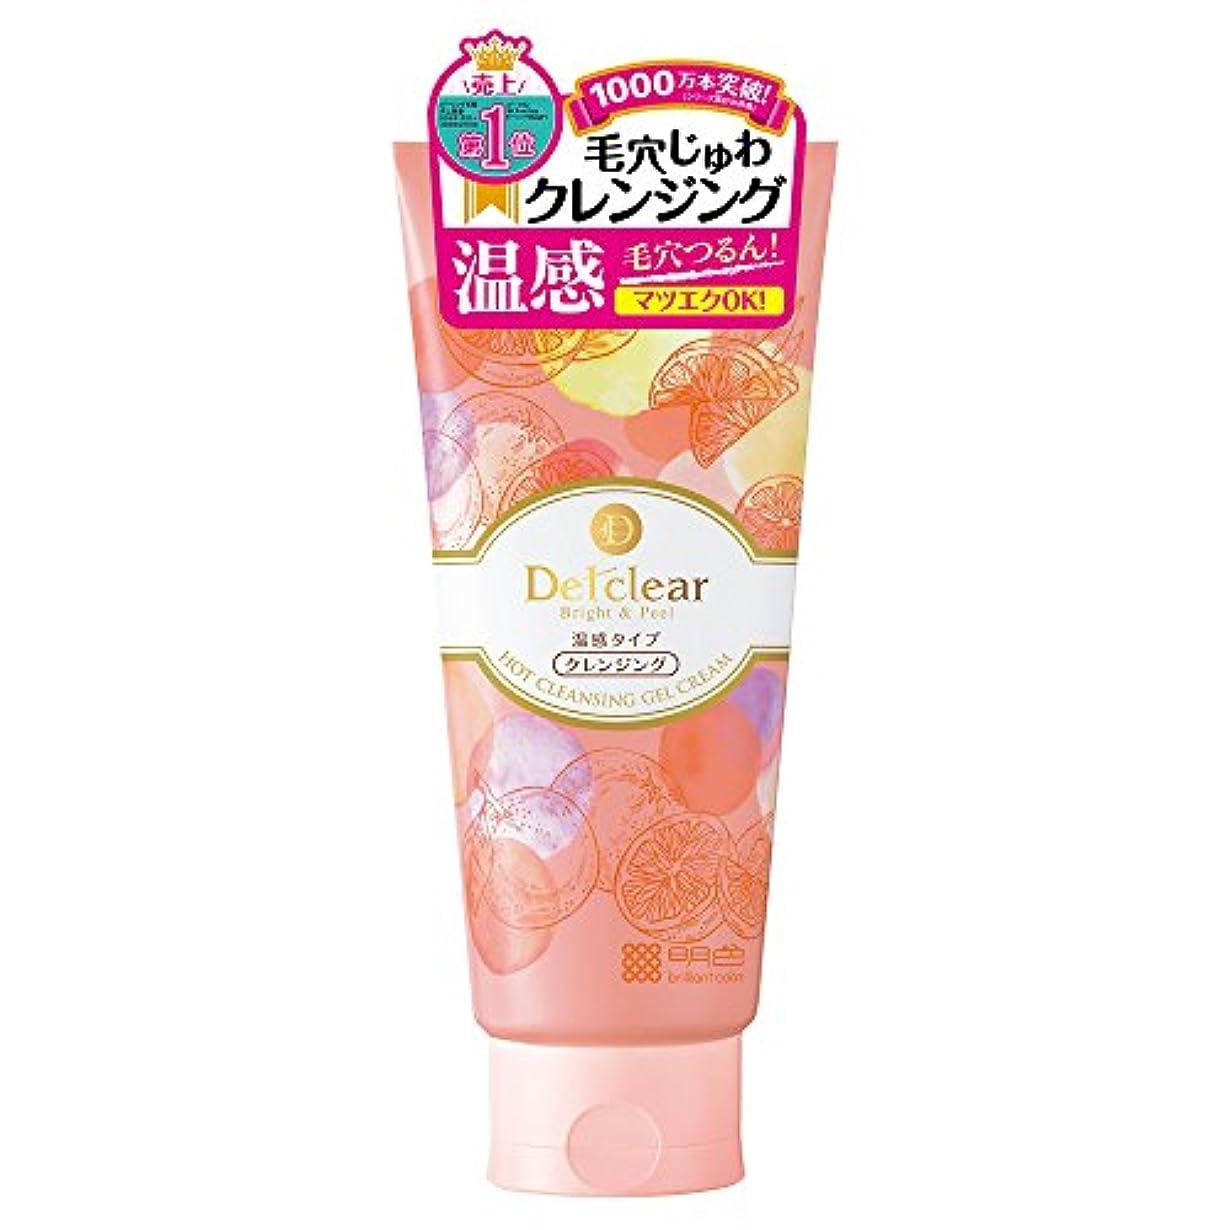 ディスコ分岐する出くわすDETクリア ブライト&ピール ホットクレンジング ジェルクリーム 200g (日本製) ベルガモットオレンジの香り